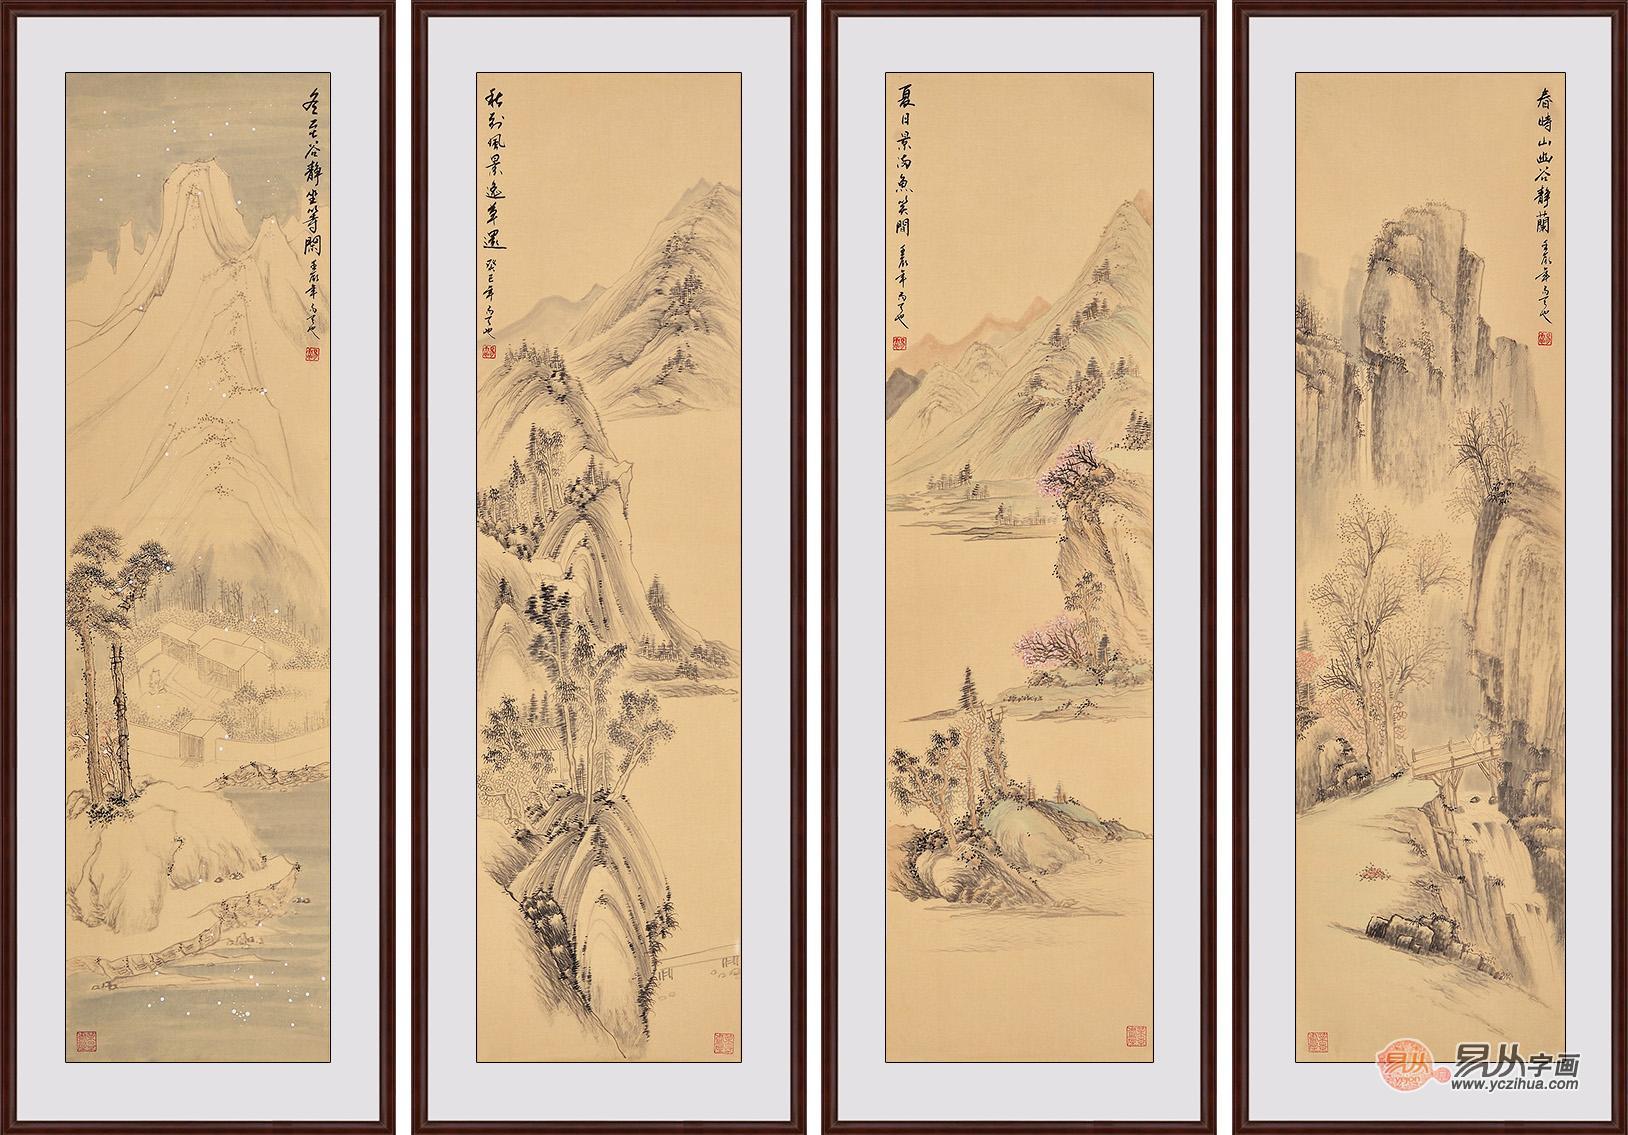 易天也四条屏山水画作品《春夏秋冬》作品来源:易从山水画